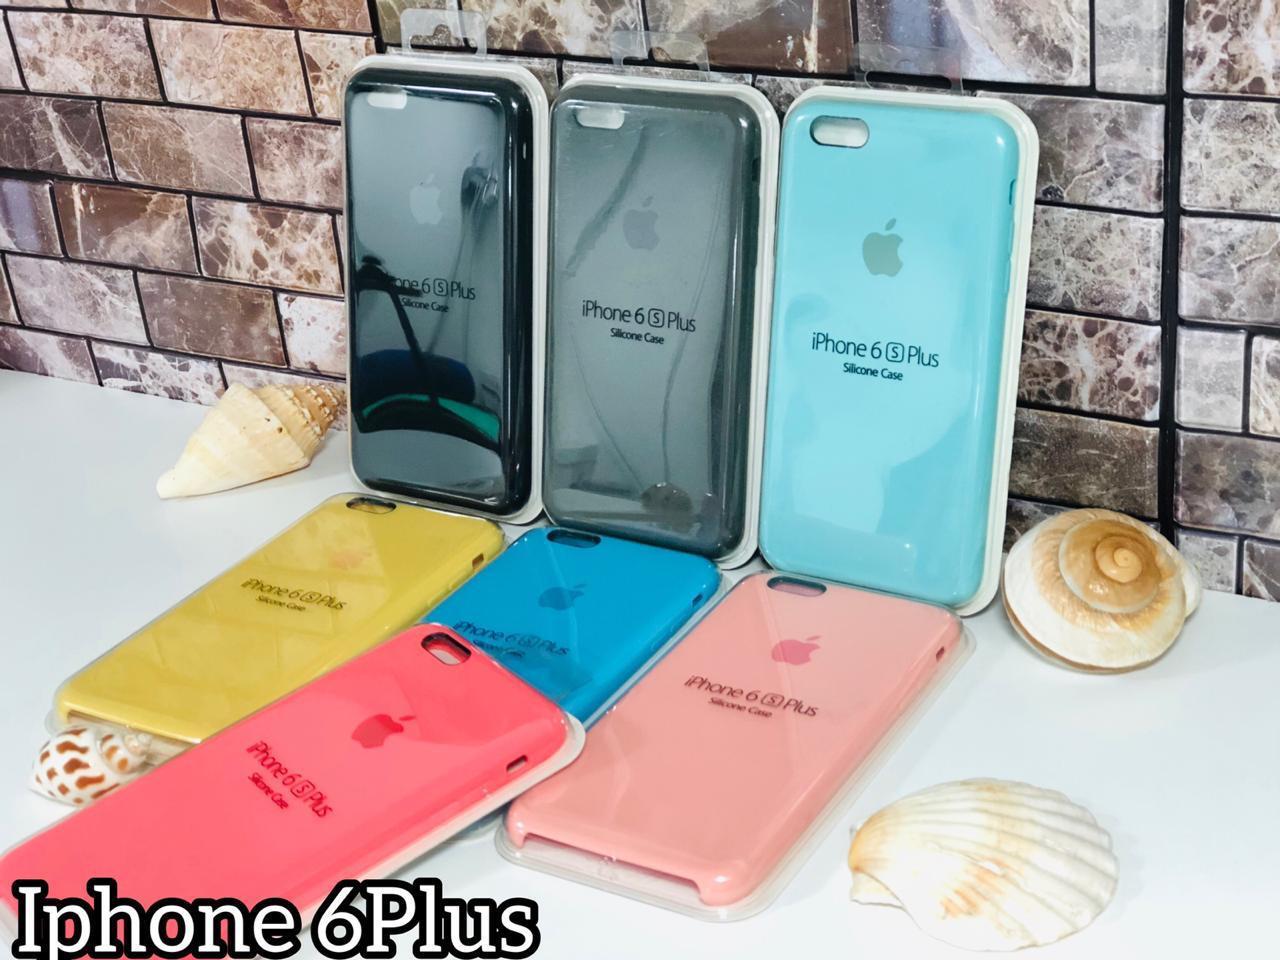 Estuches para iphone 6Plus